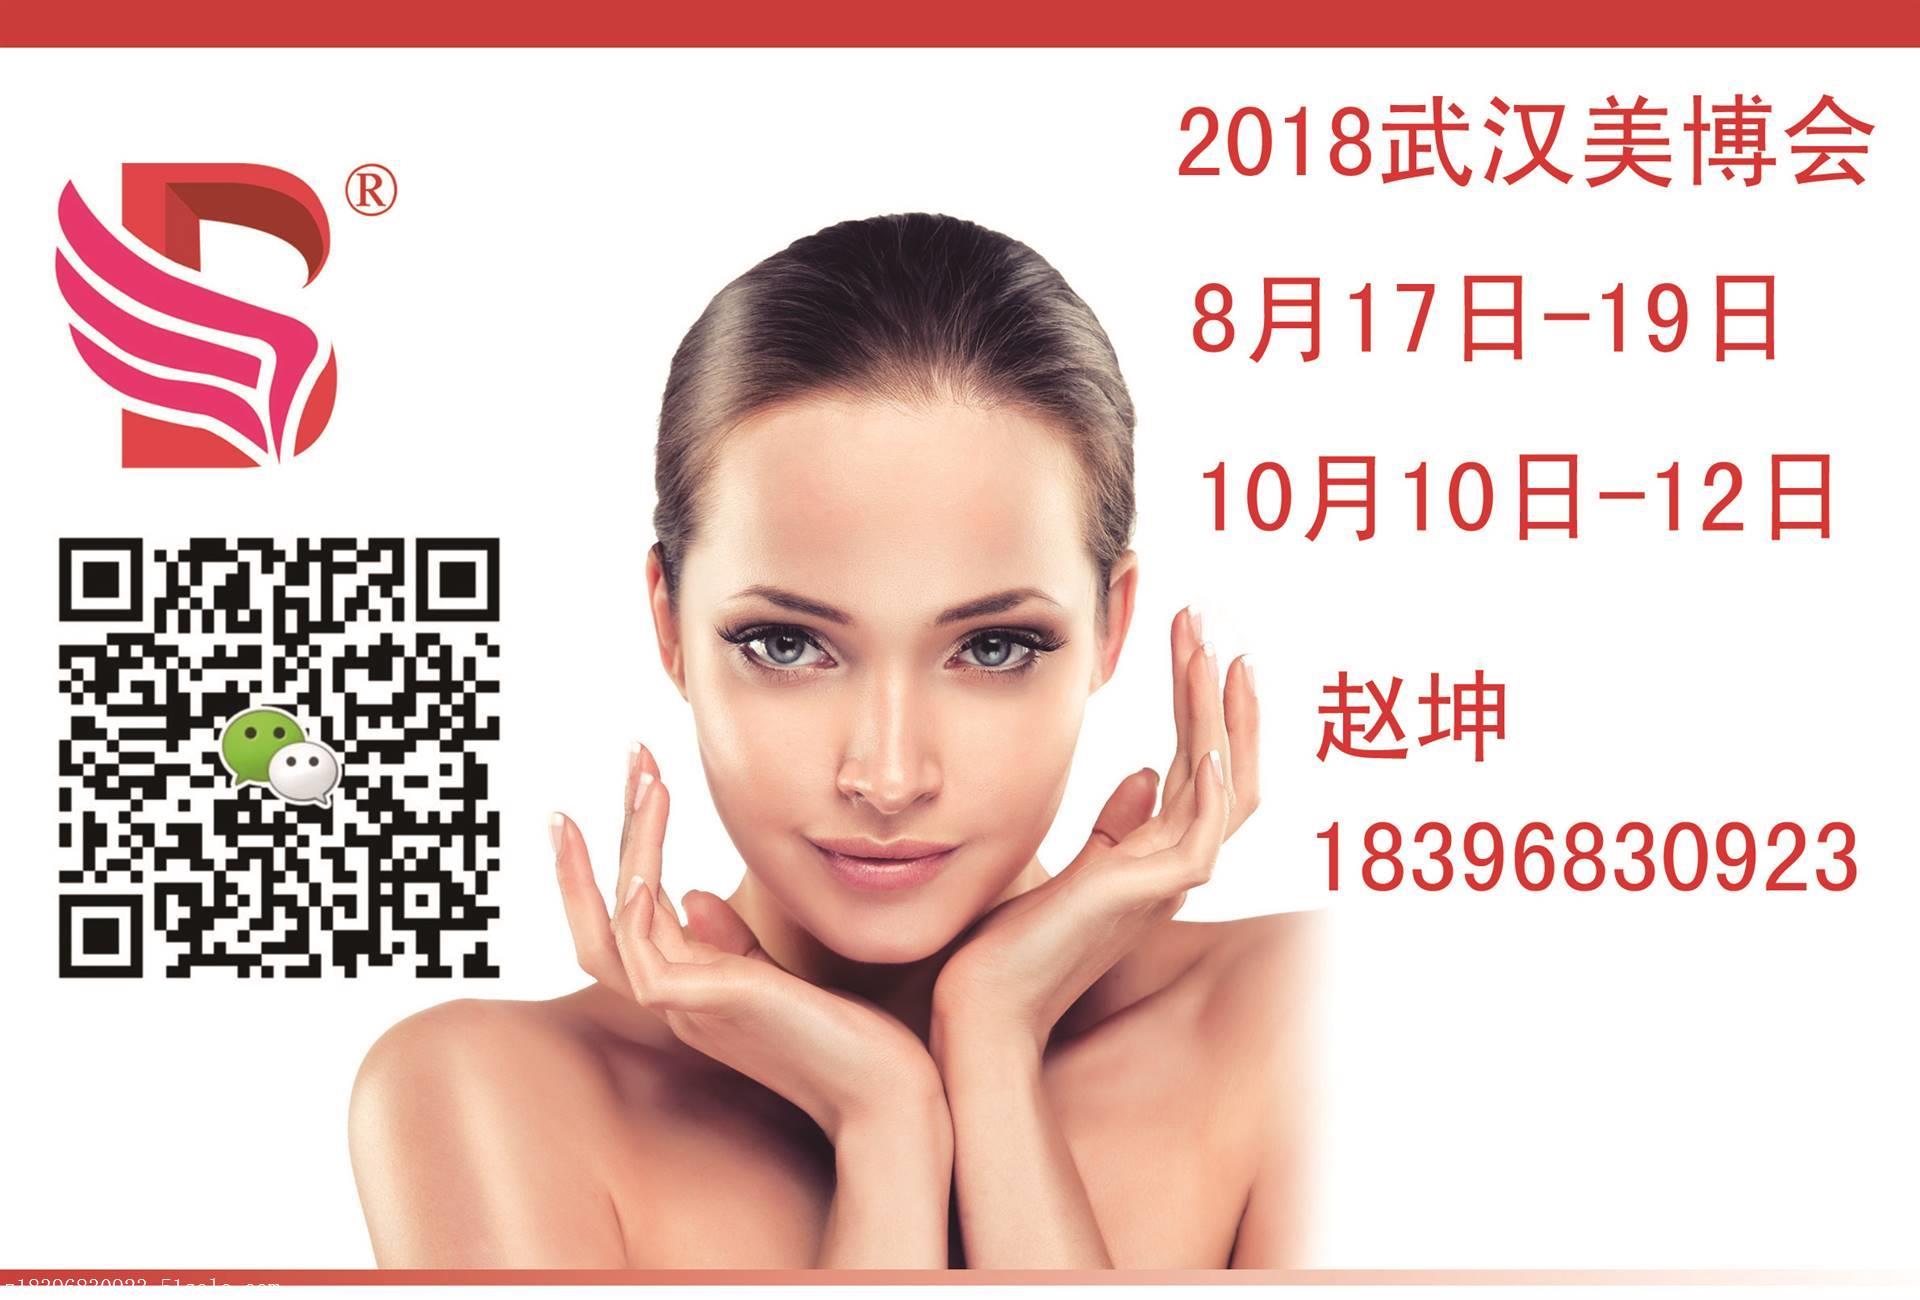 2018年武汉美博会日程安排